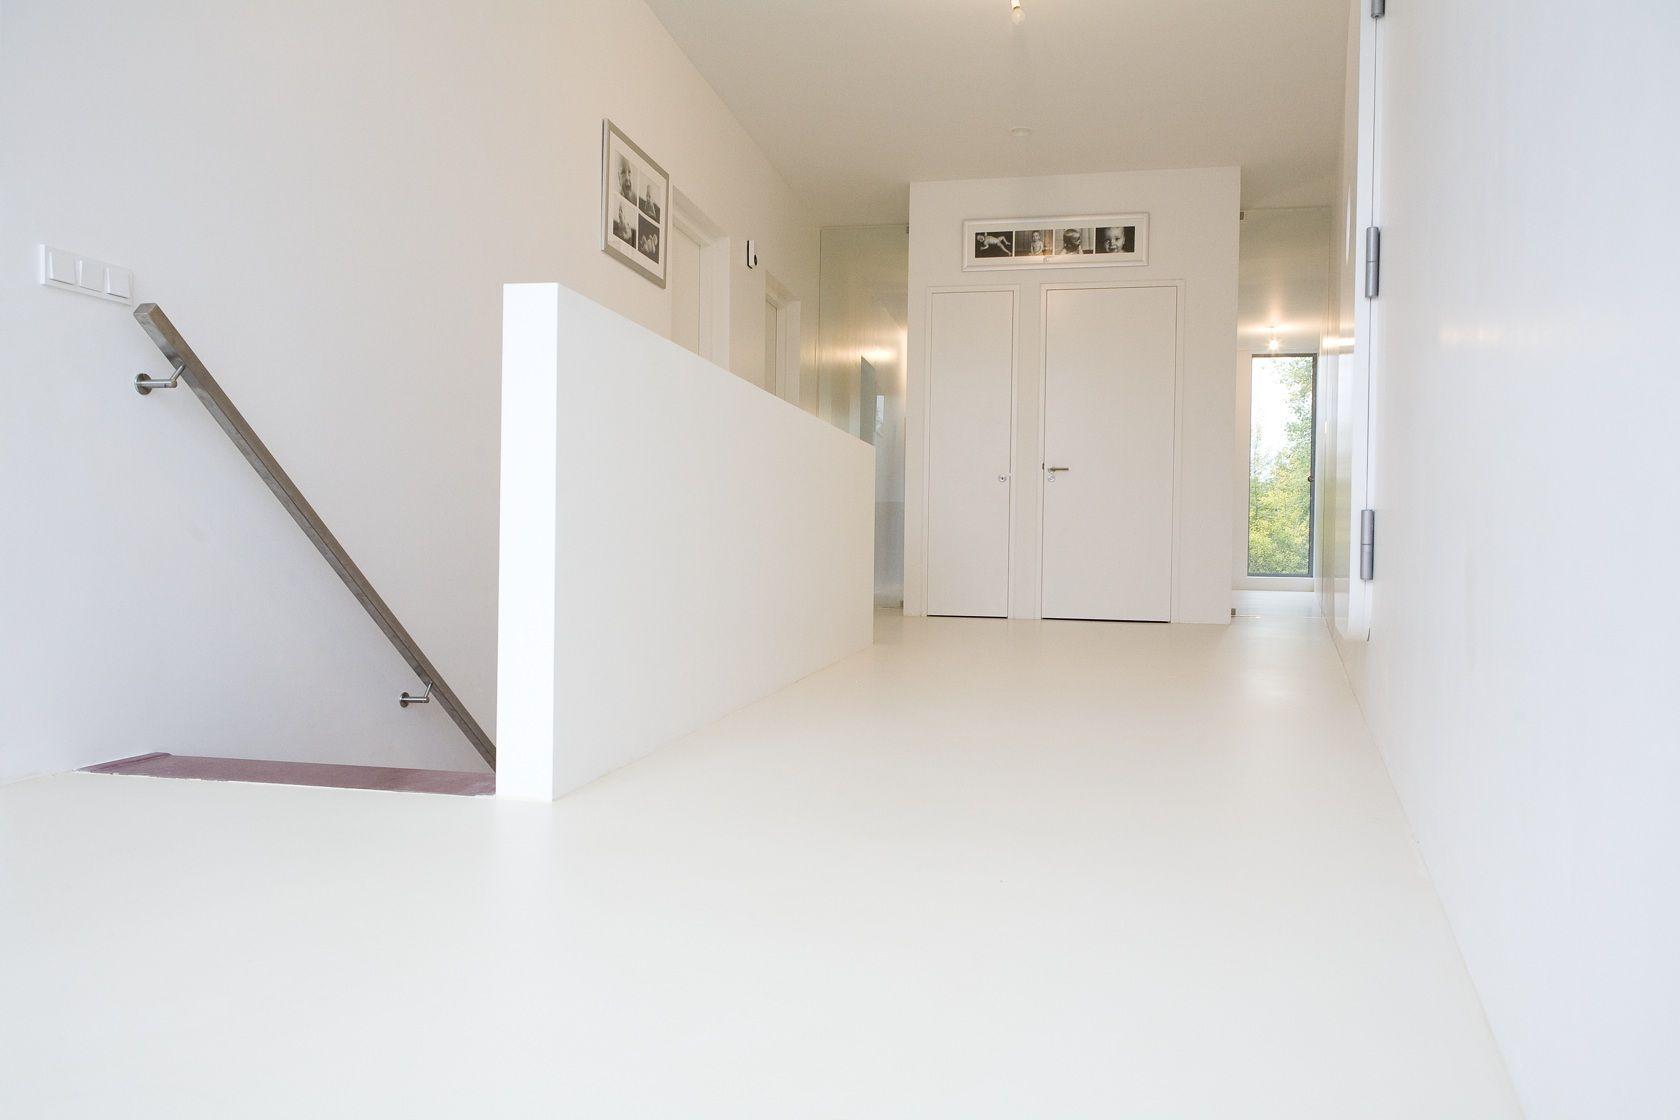 Foto 39 s gietvloeren favorites for the home for Binnenhuis trappen